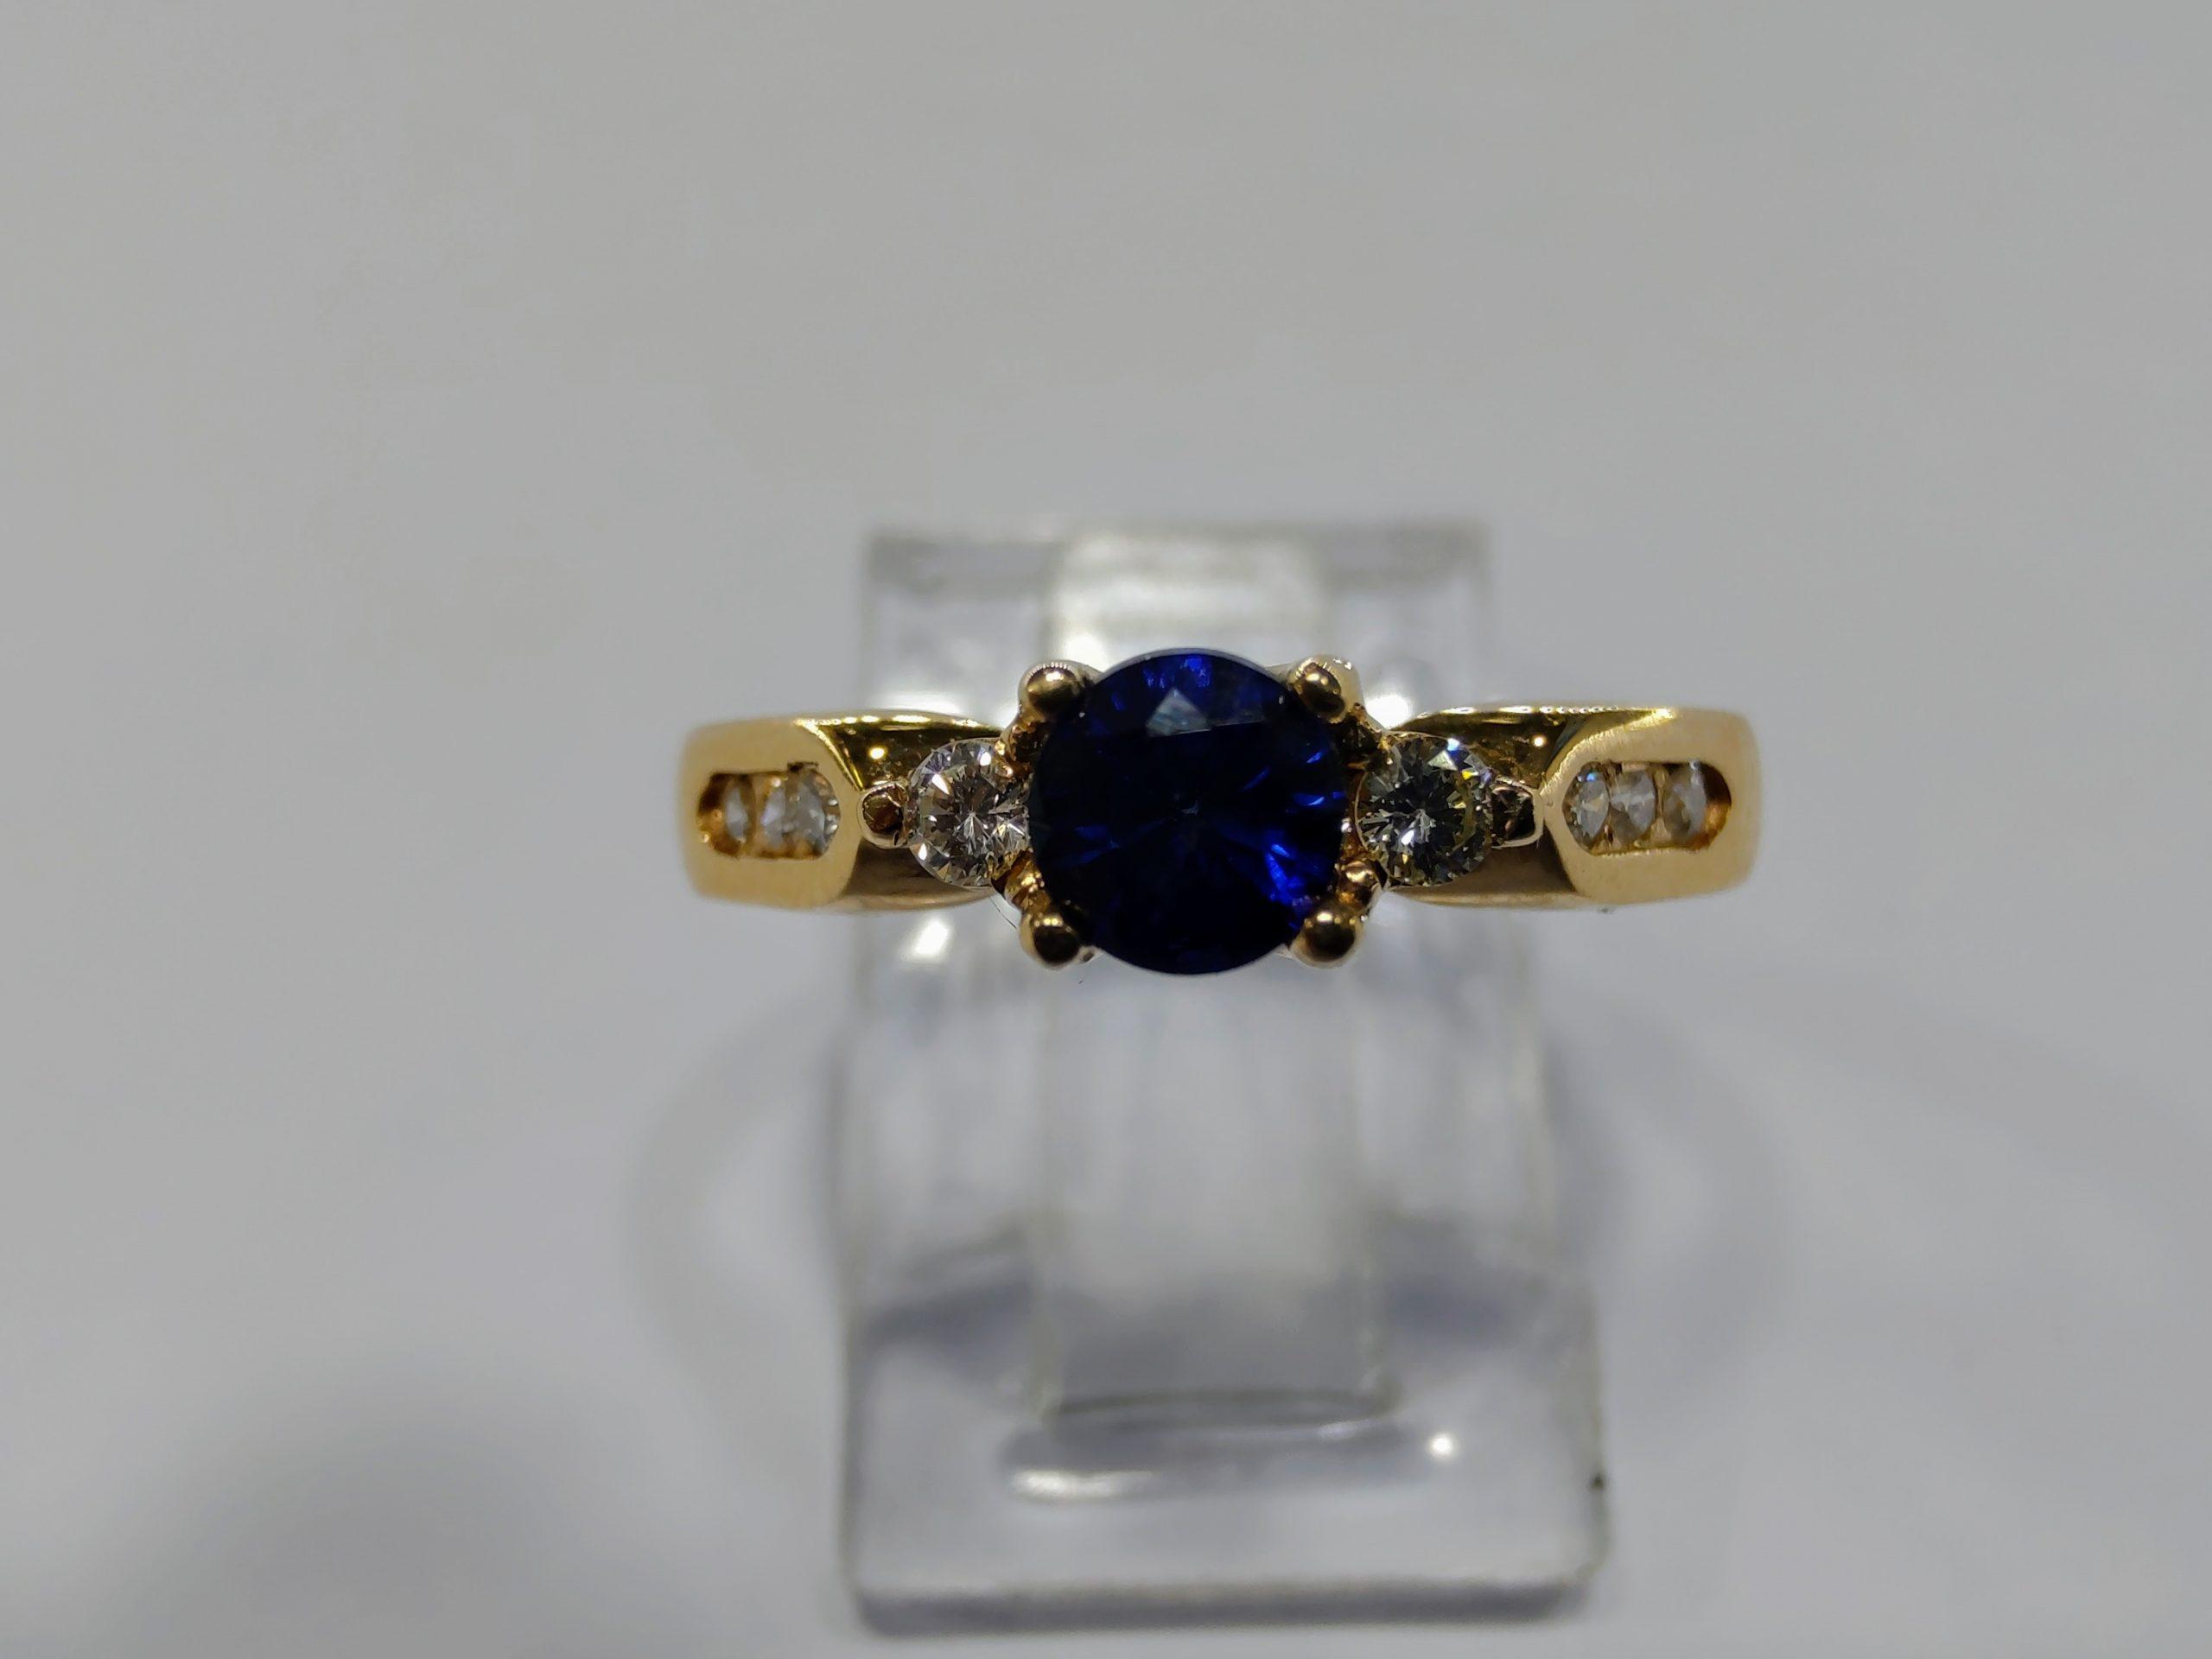 anillos de compromiso con zafiro